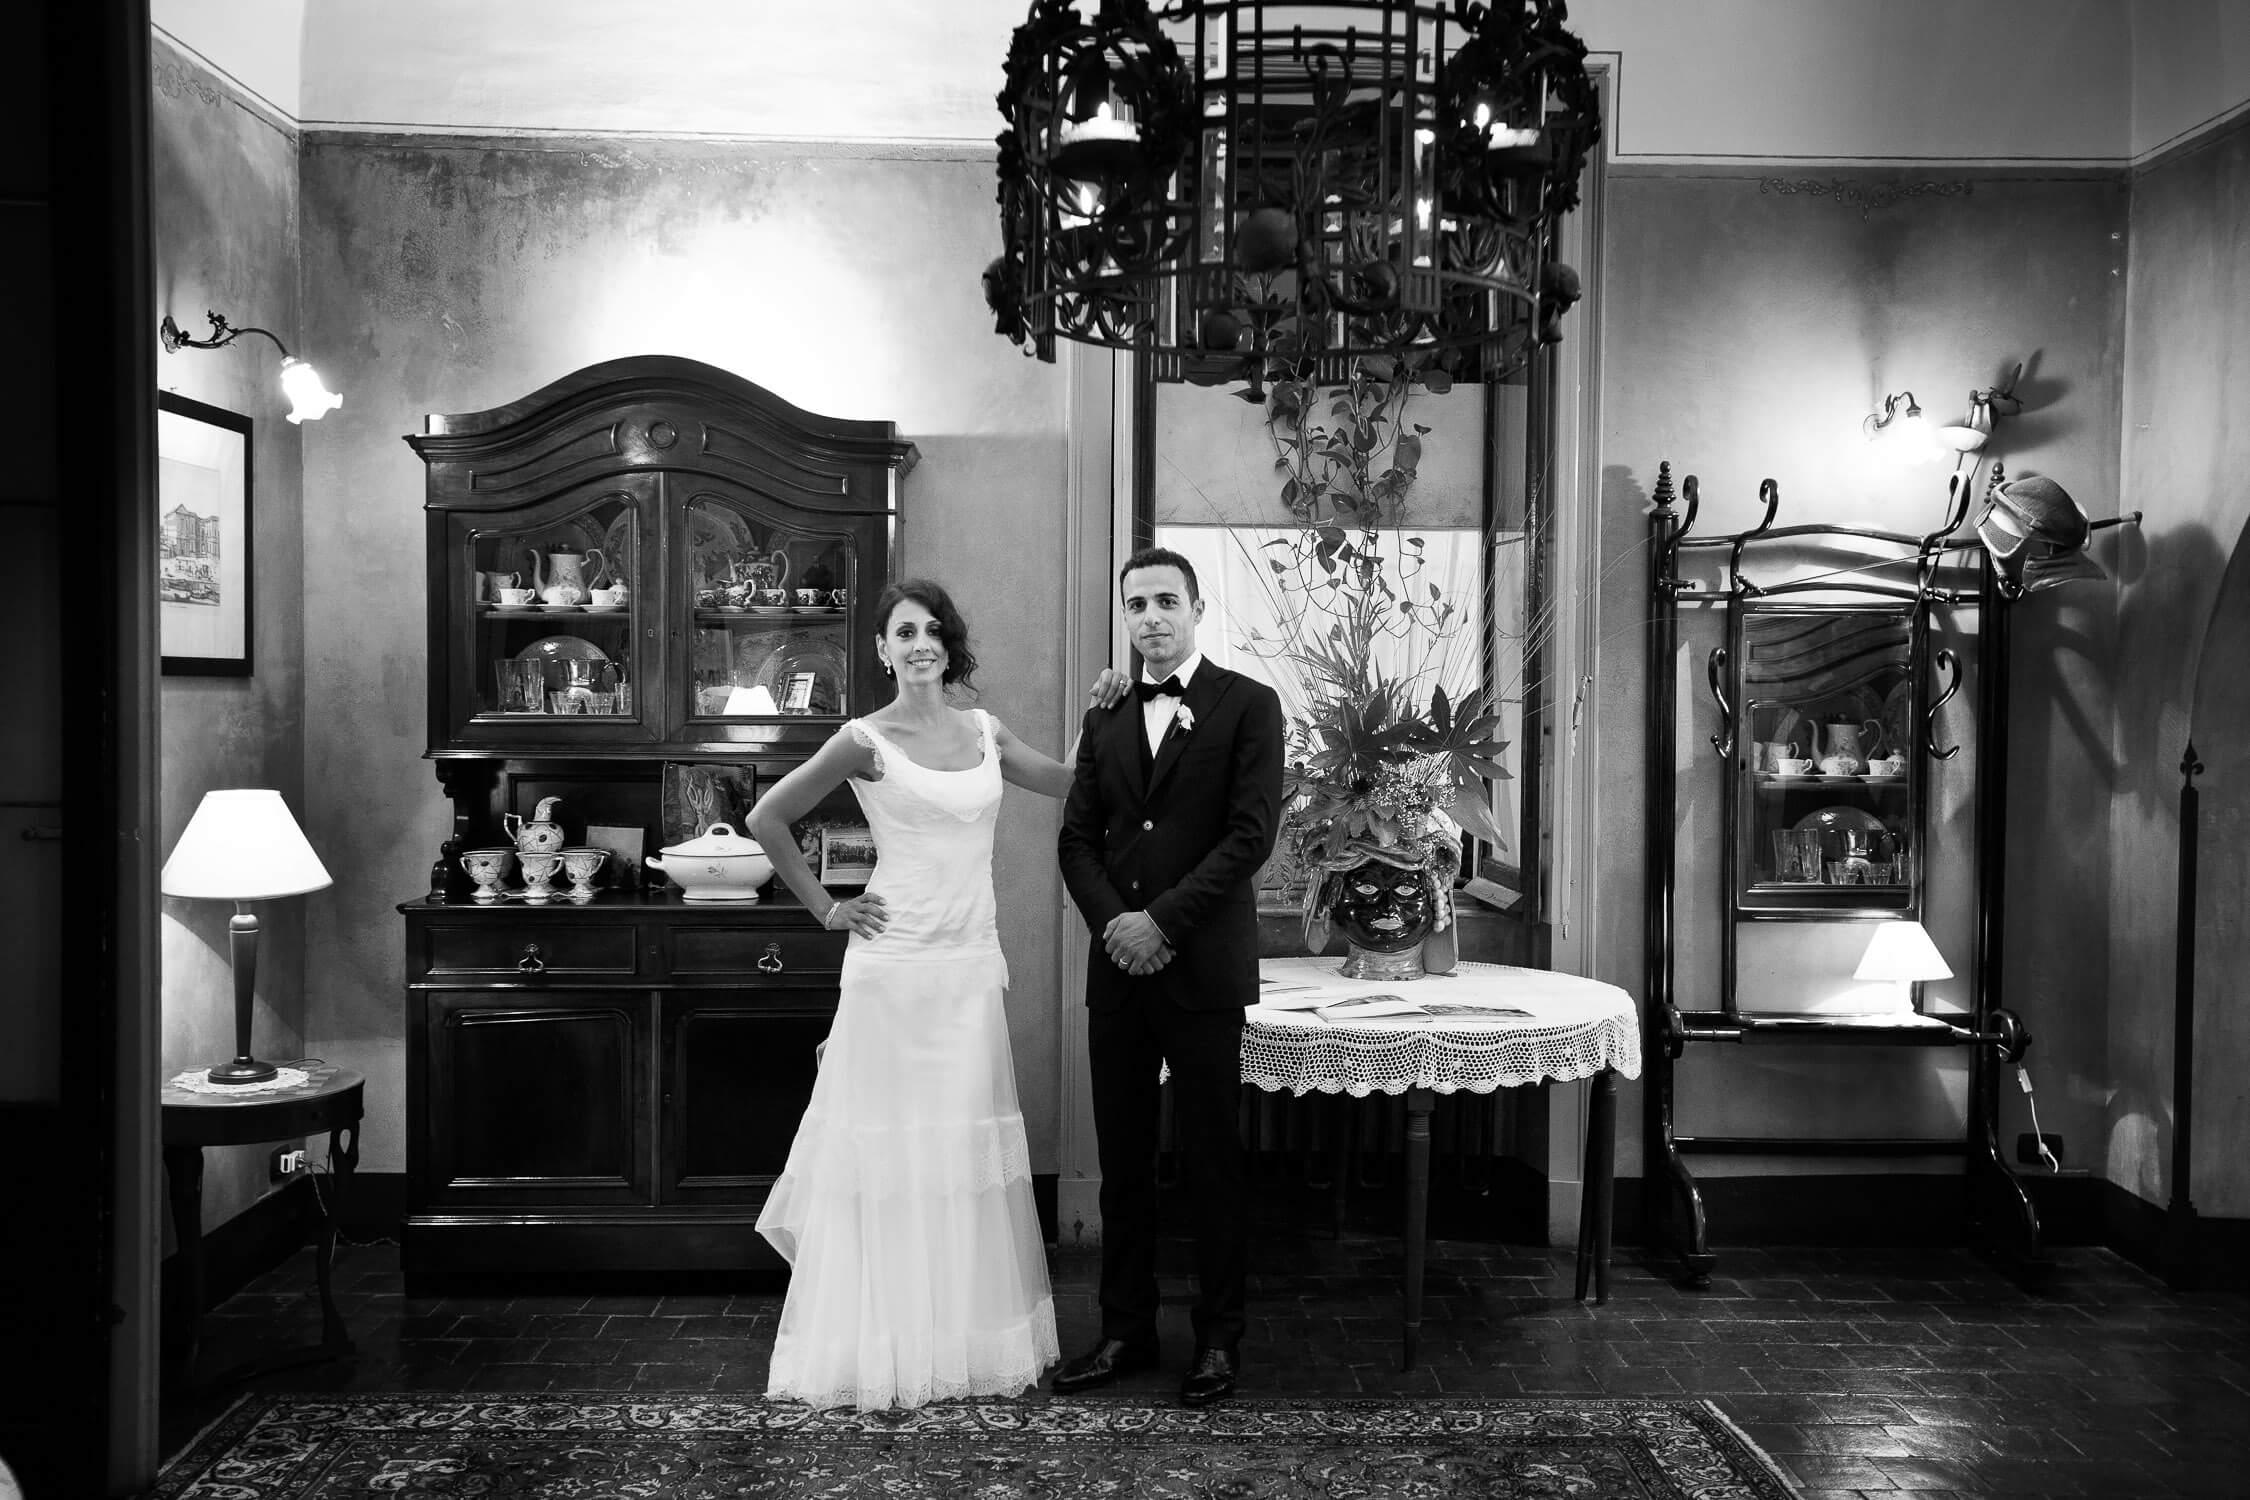 Ritratto degli sposi a La casa del Grecale, fotografia bianco e nero per matrimonio anni '30 di Nino Lombardo